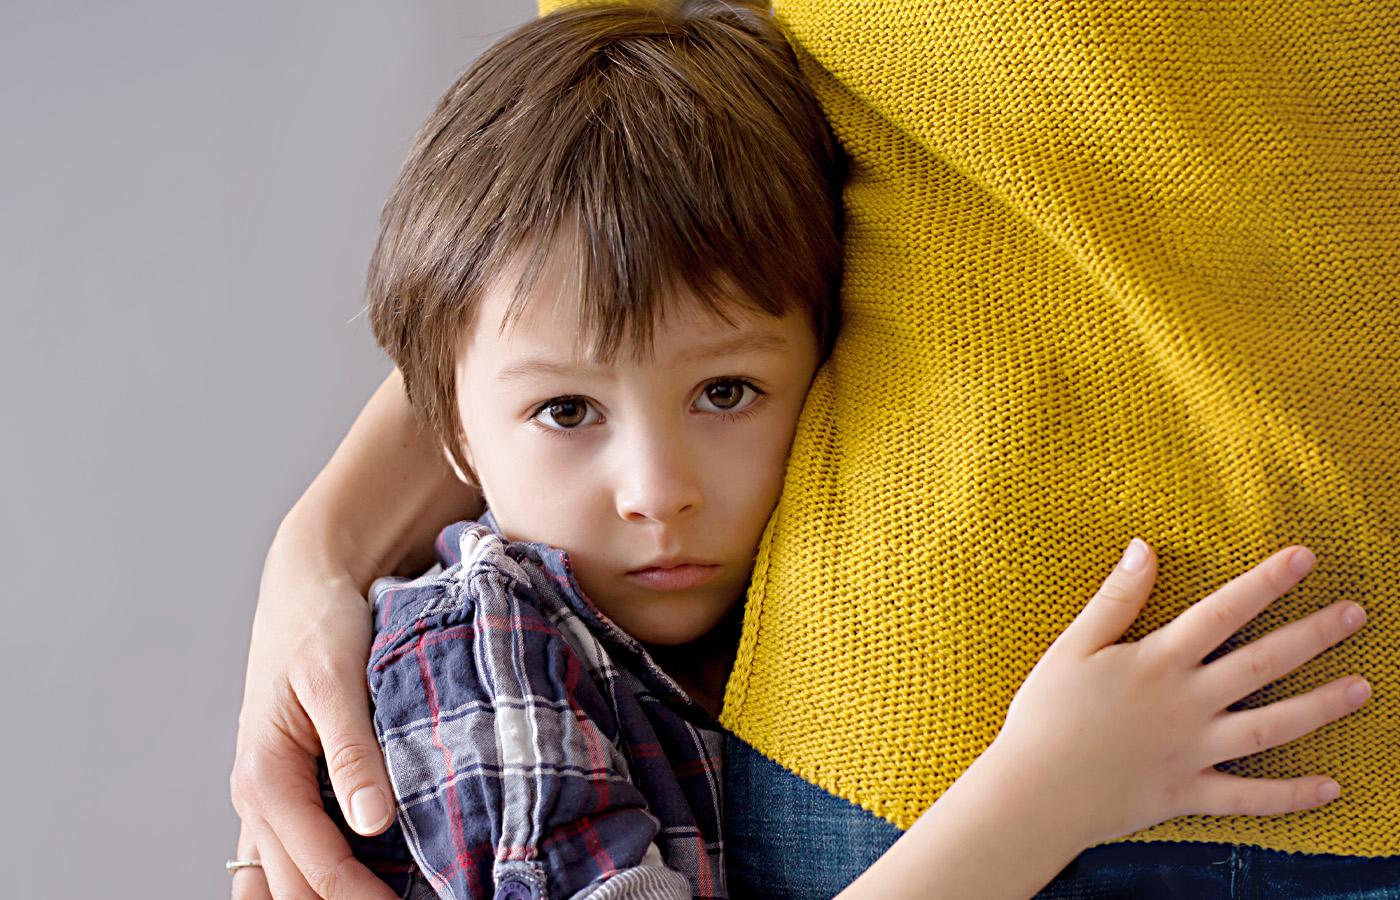 روش هایی برای مقابله ترس کودکان